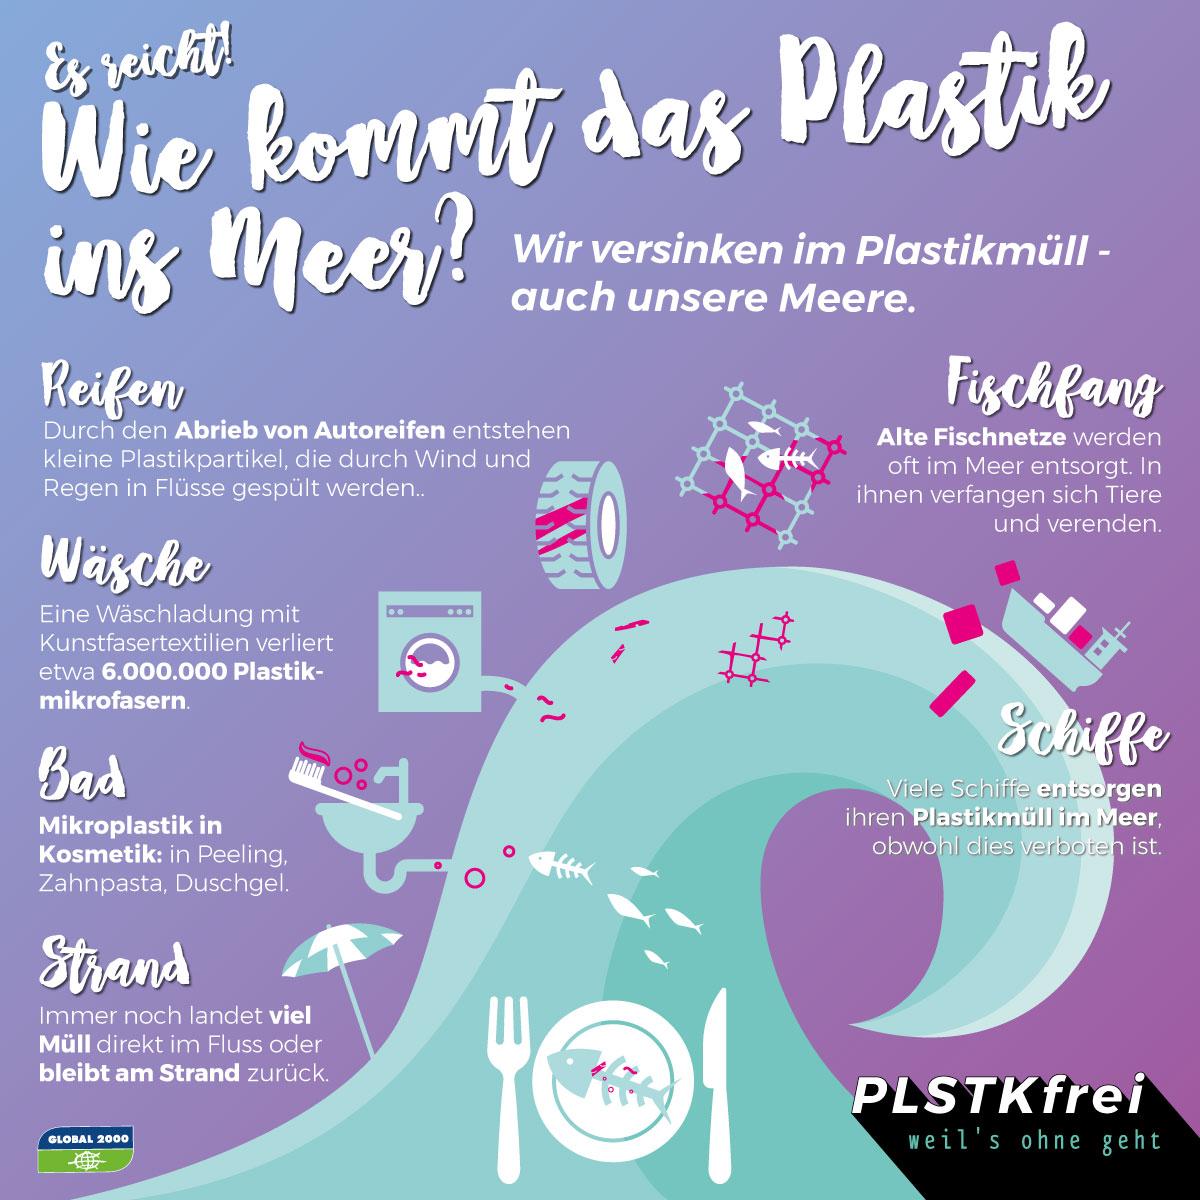 Grafik: Eintragungsquellen von Plastik ins Meer